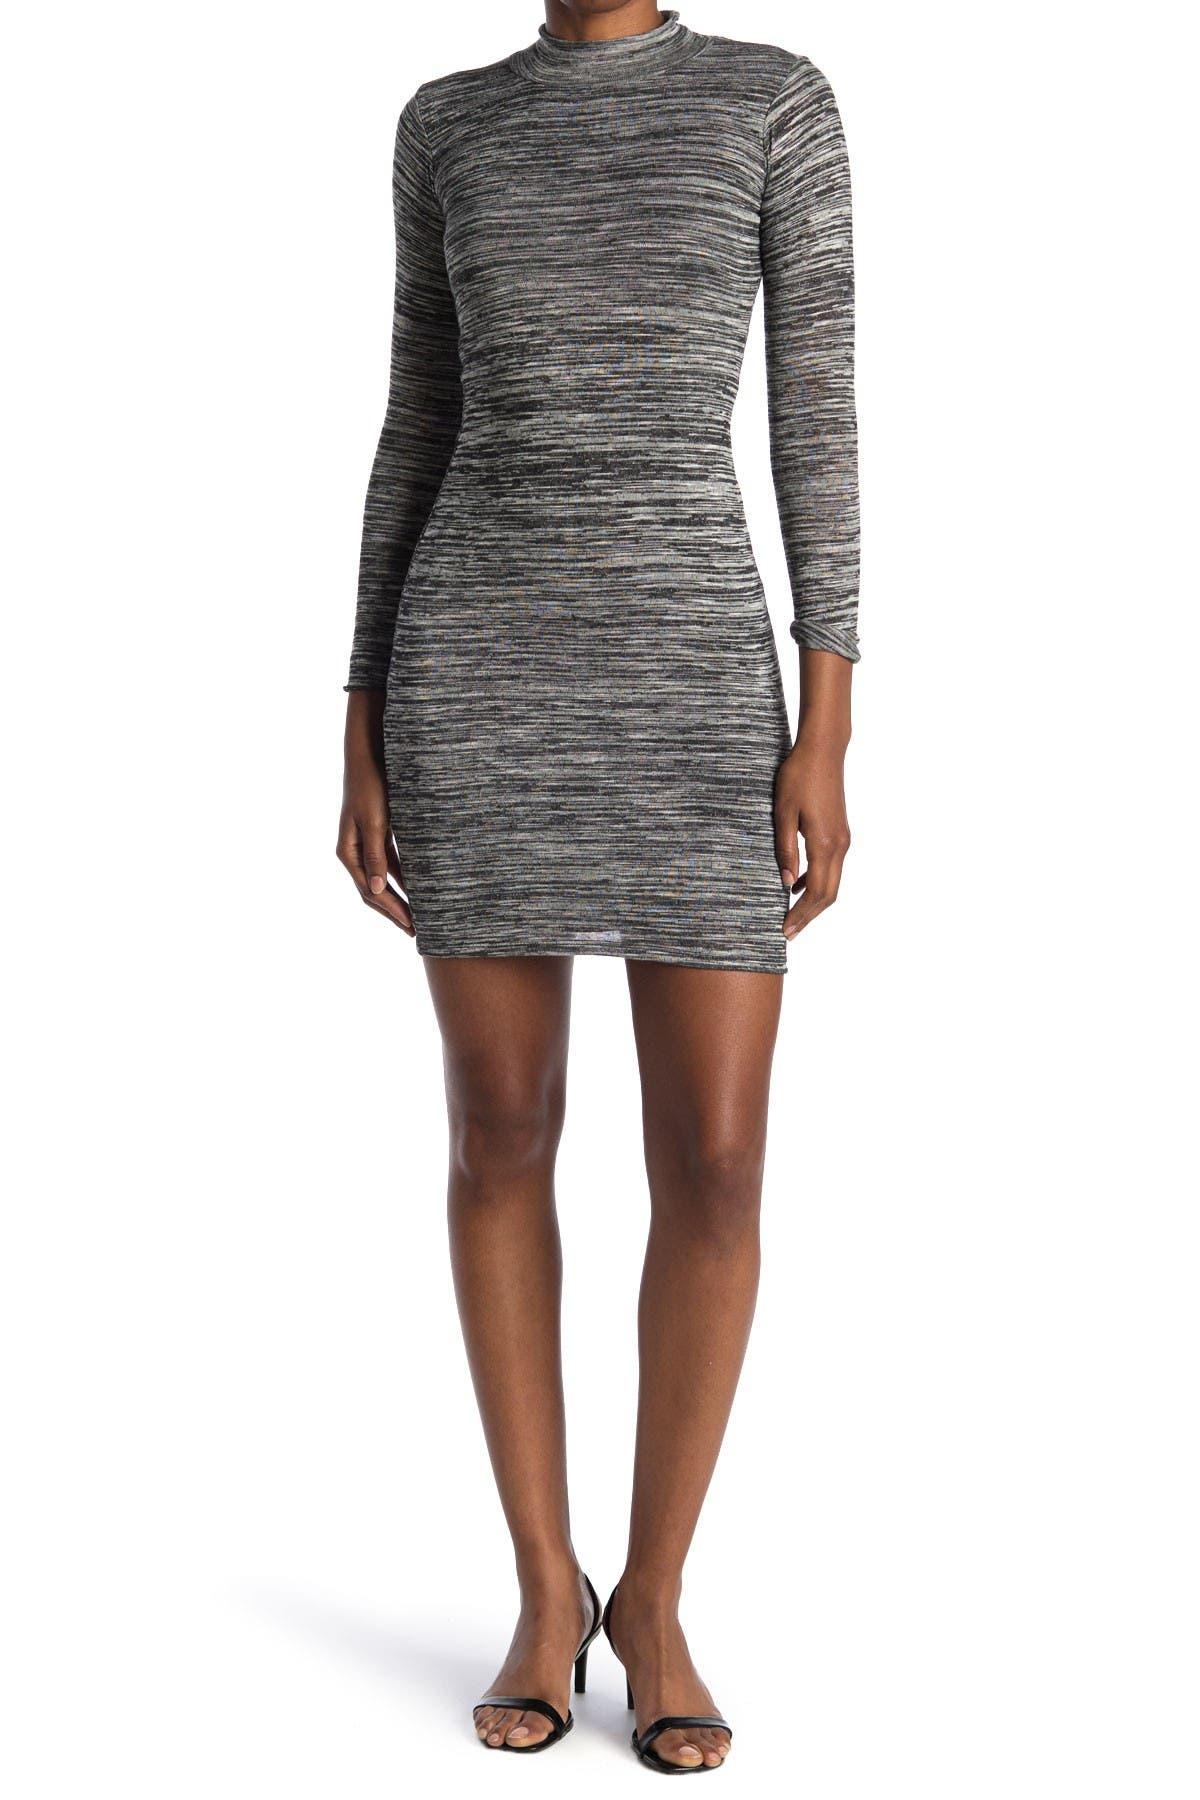 Image of Velvet Torch Mock Neck Knit Dress